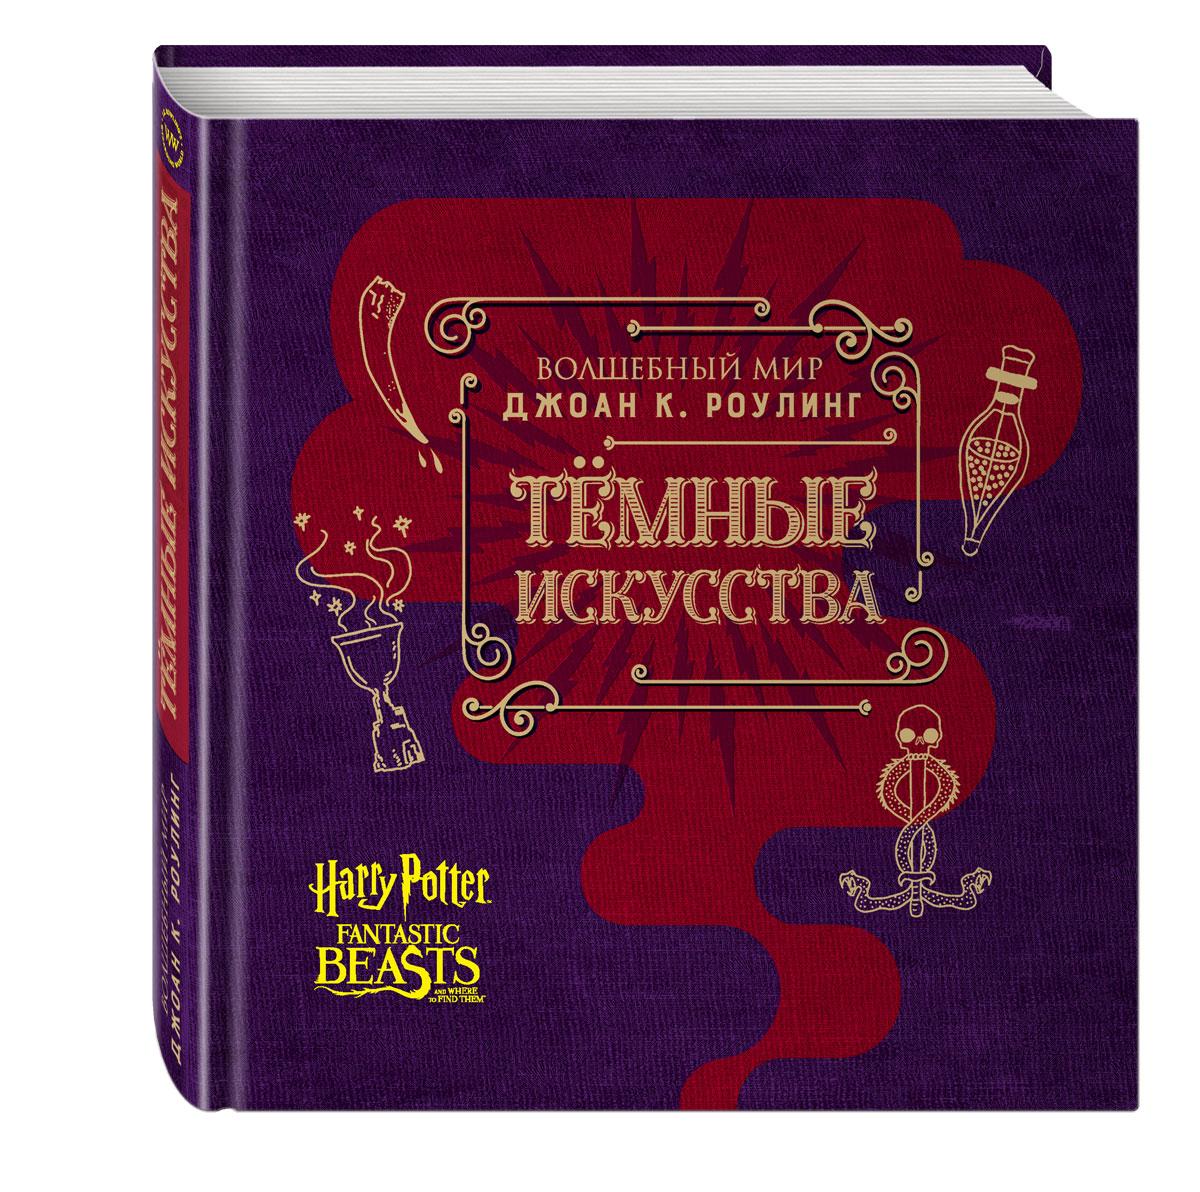 Волшебный мир Джоан К. Роулинг. Темные искусства. Артбук ISBN: 978-5-699-97022-3